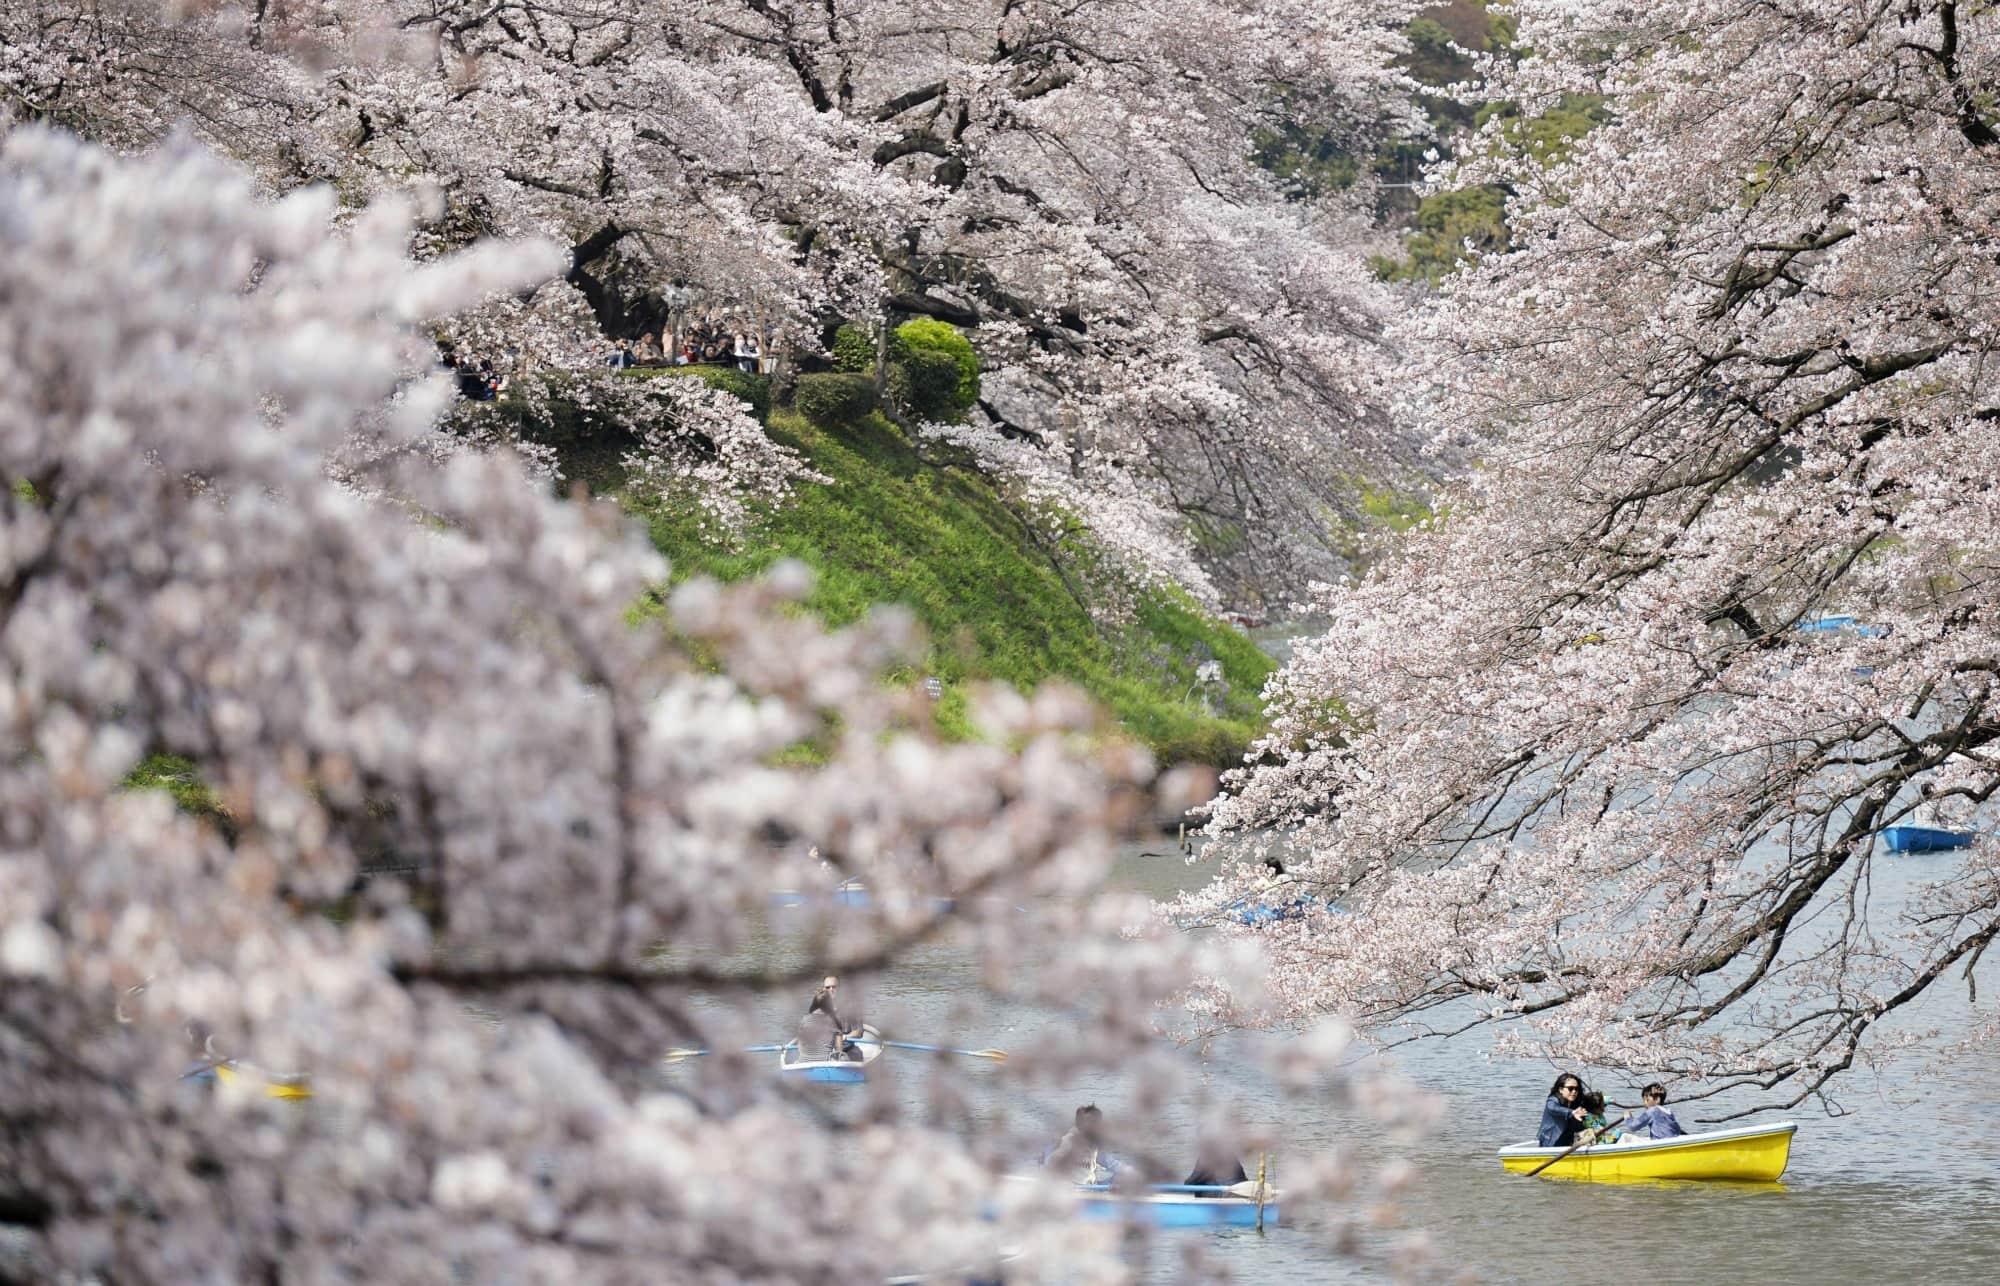 đi thuyền ở đầm chidorigafuchi là một ý tưởng hẹn hò ở tokyo